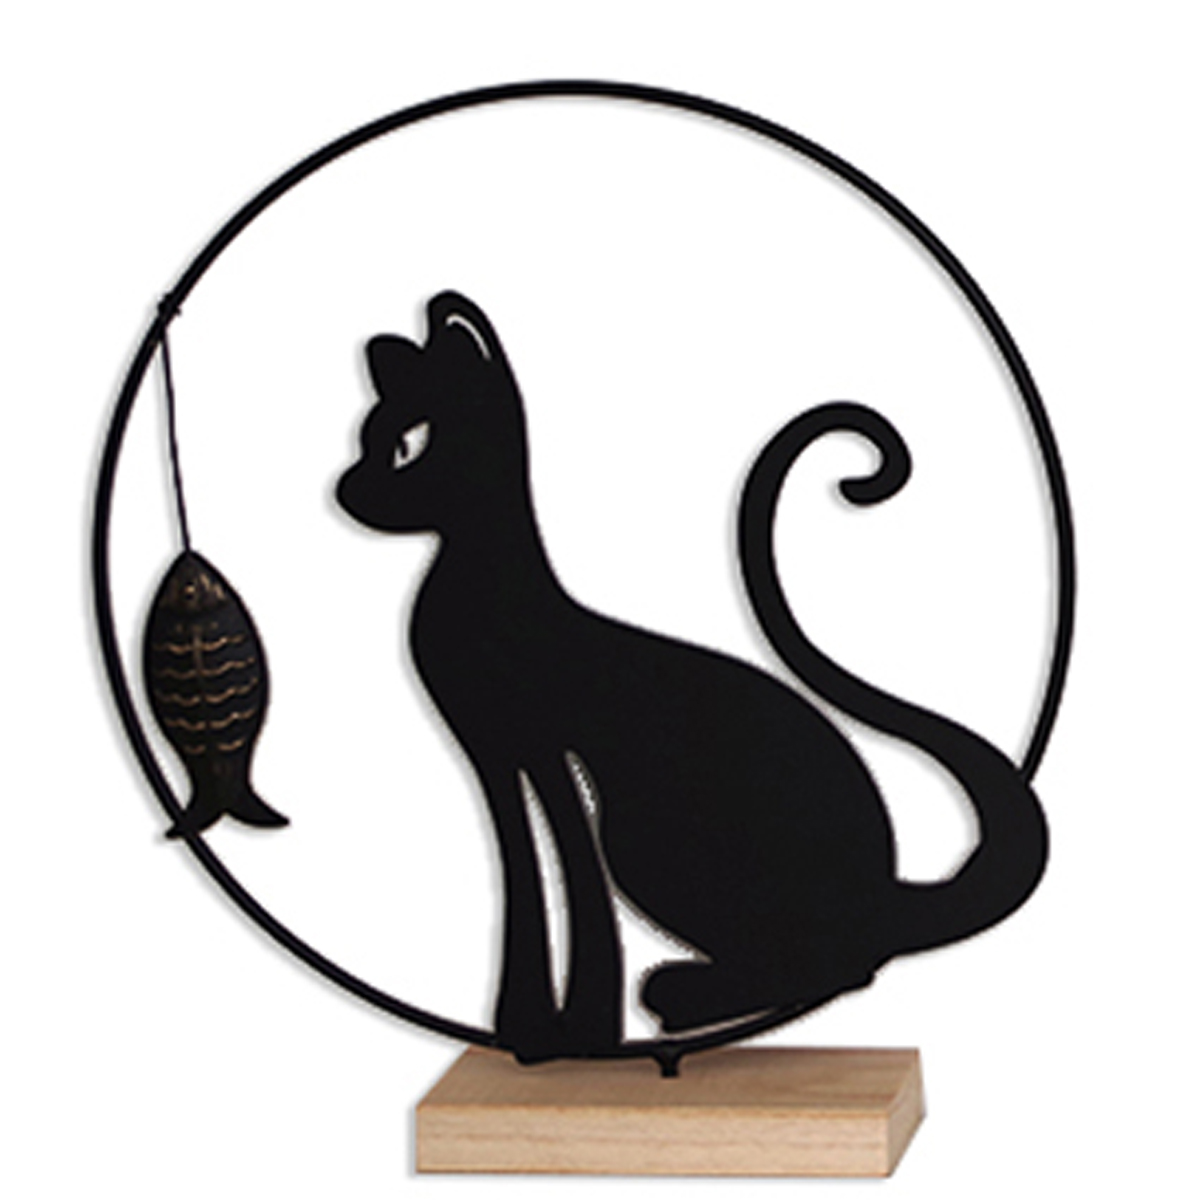 Déco métal bois \'Chat\' noir beige - 28x25x6 cm (ombre chinoise) - [A2493]